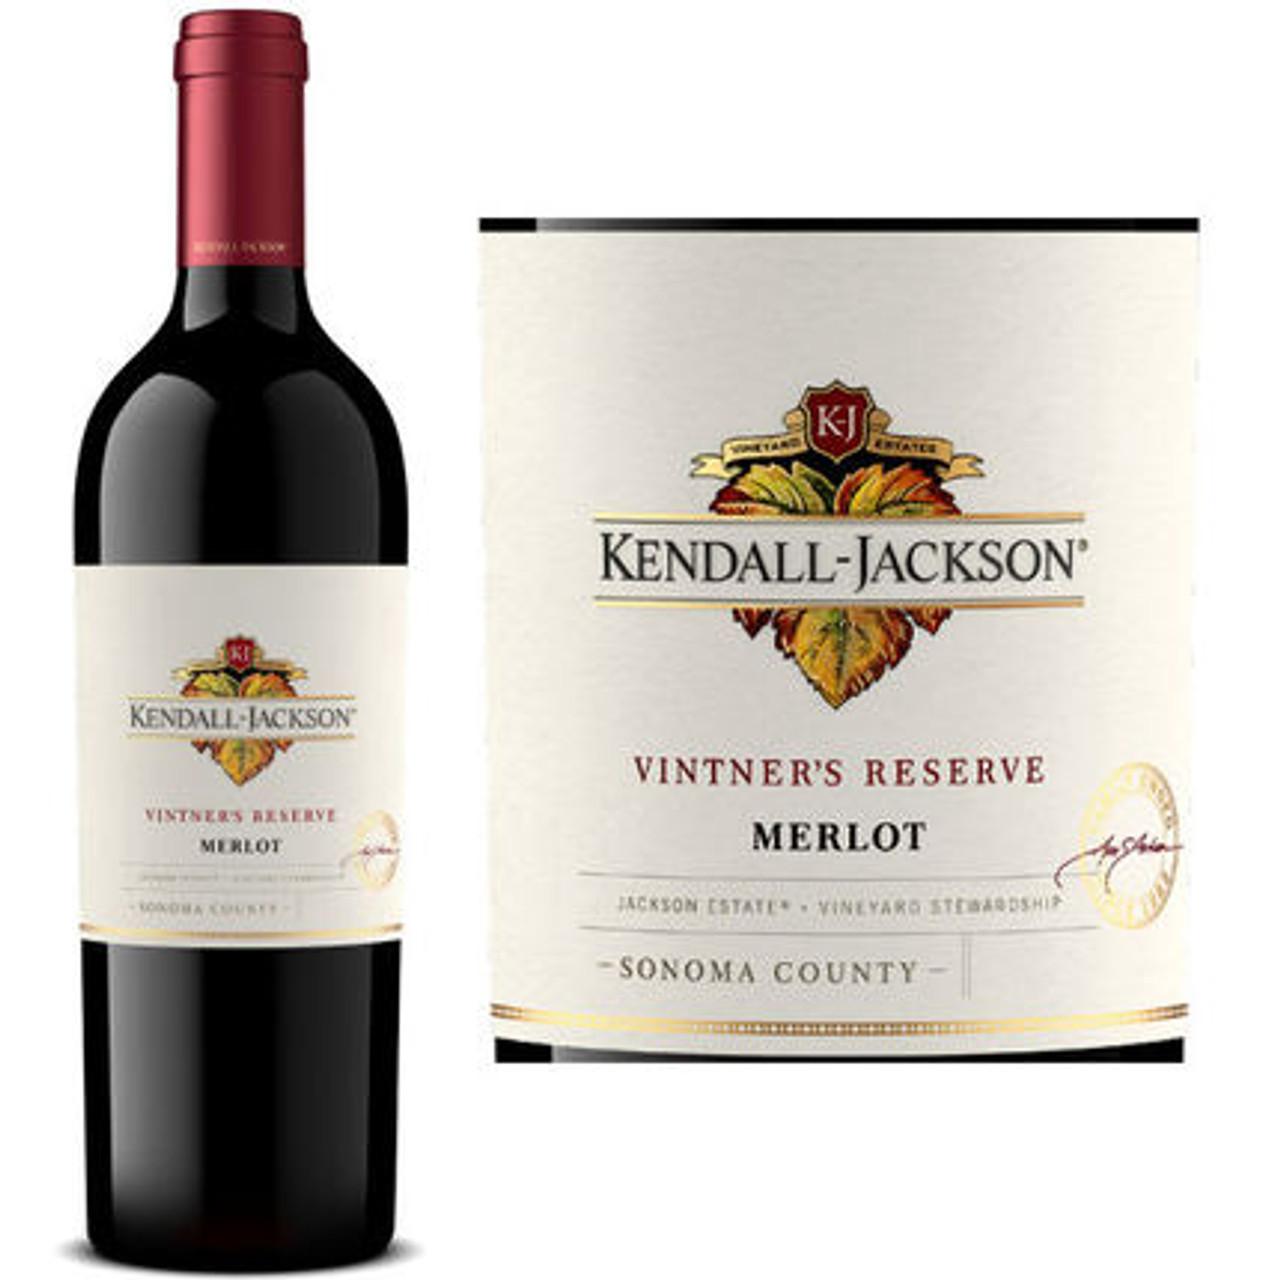 Kendall Jackson Vintner's Reserve Merlot